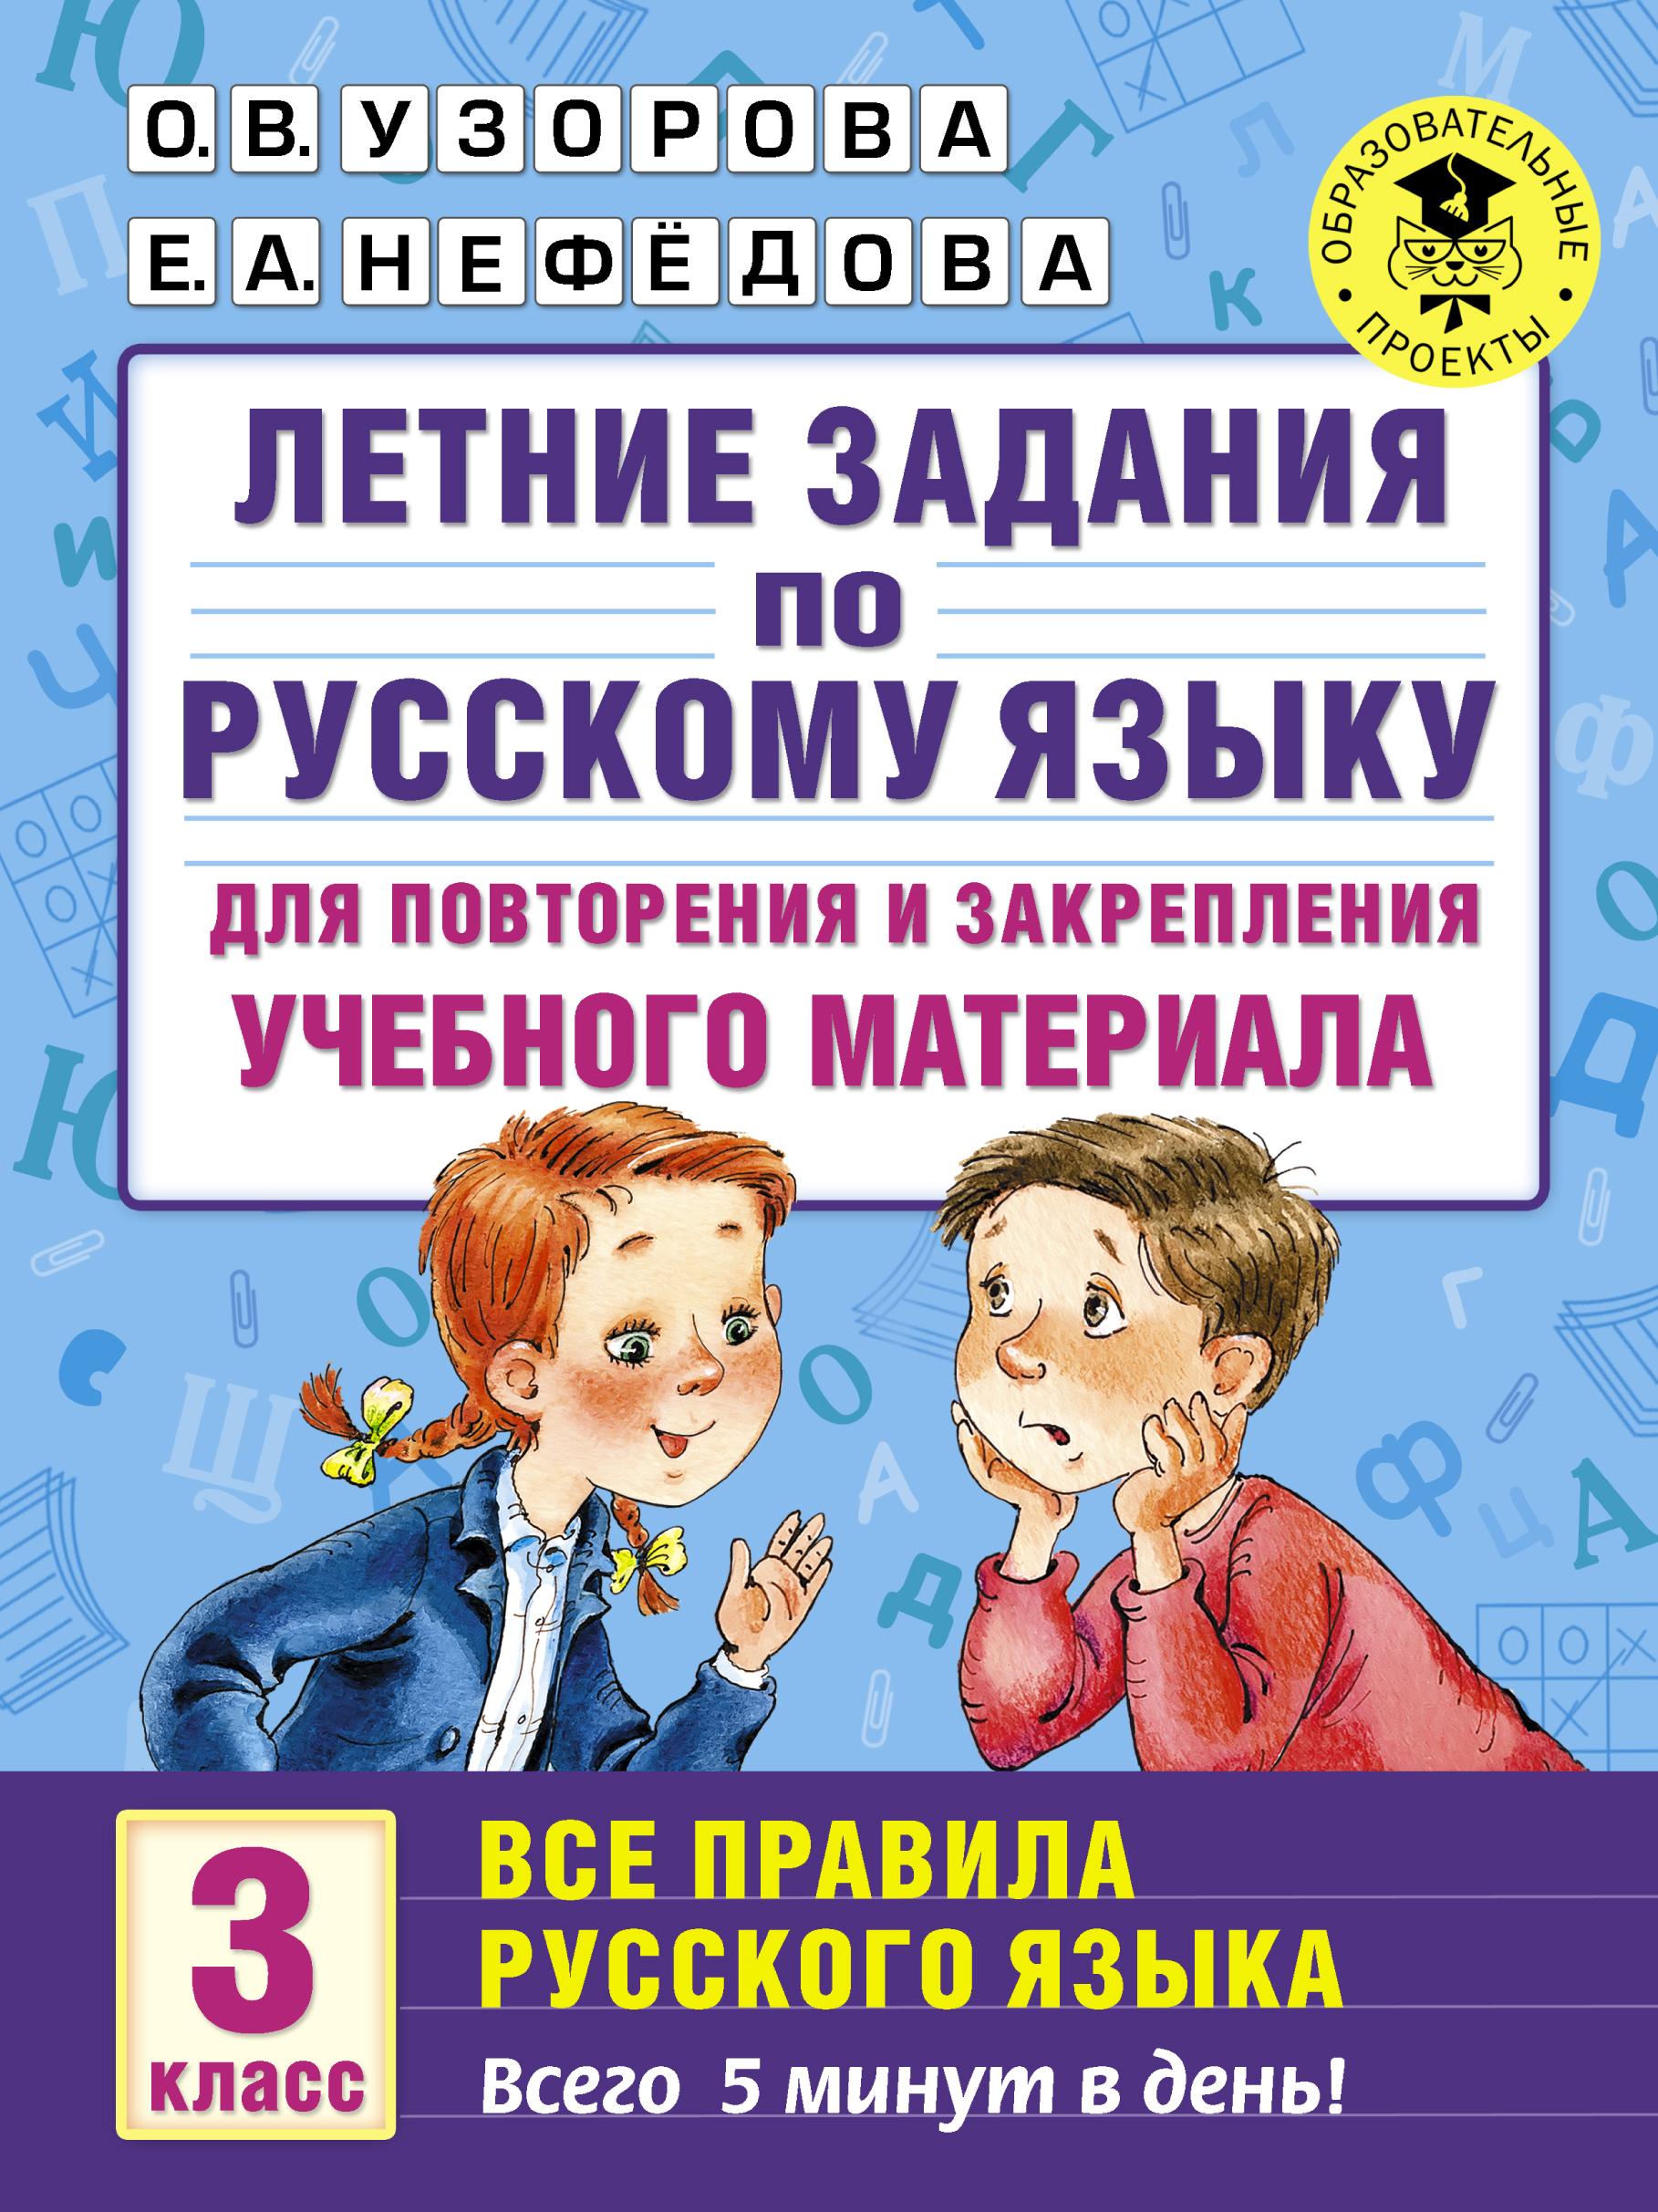 Летние задания по усскому языку  повторения и закрепления учеб. материала. 1 кл.